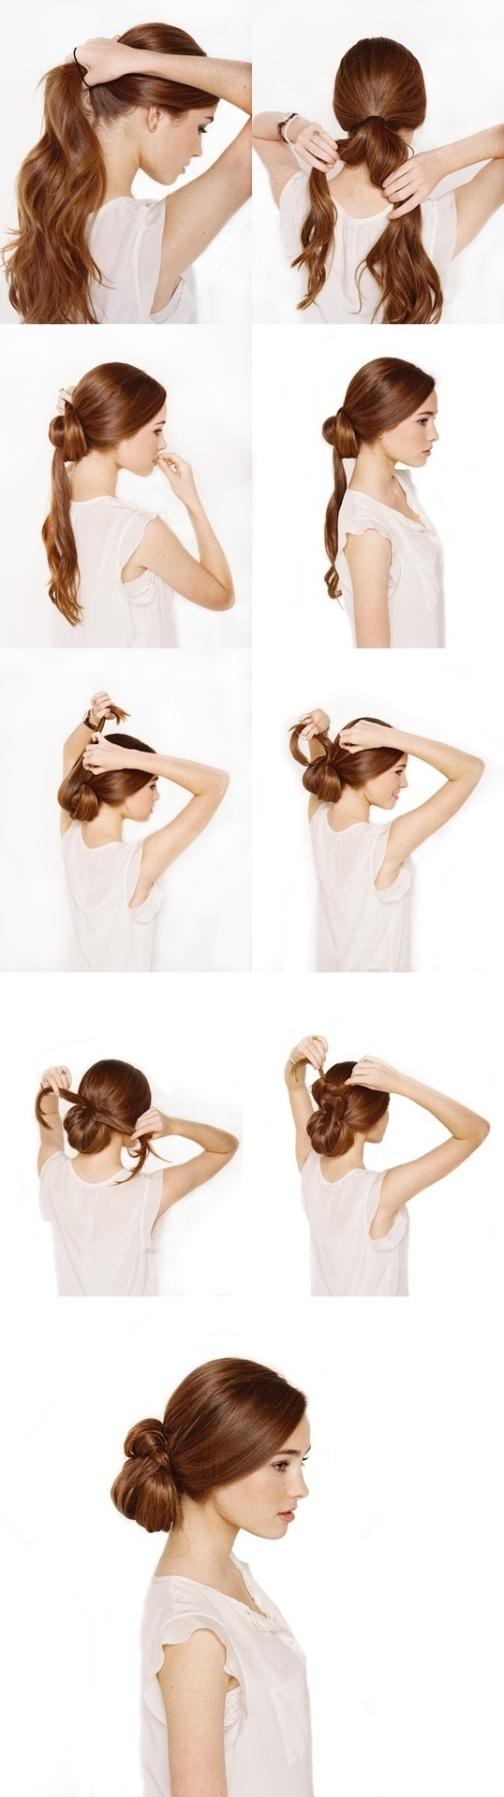 Как сделать прическу из узлов на волосах с помощью невидимки 57